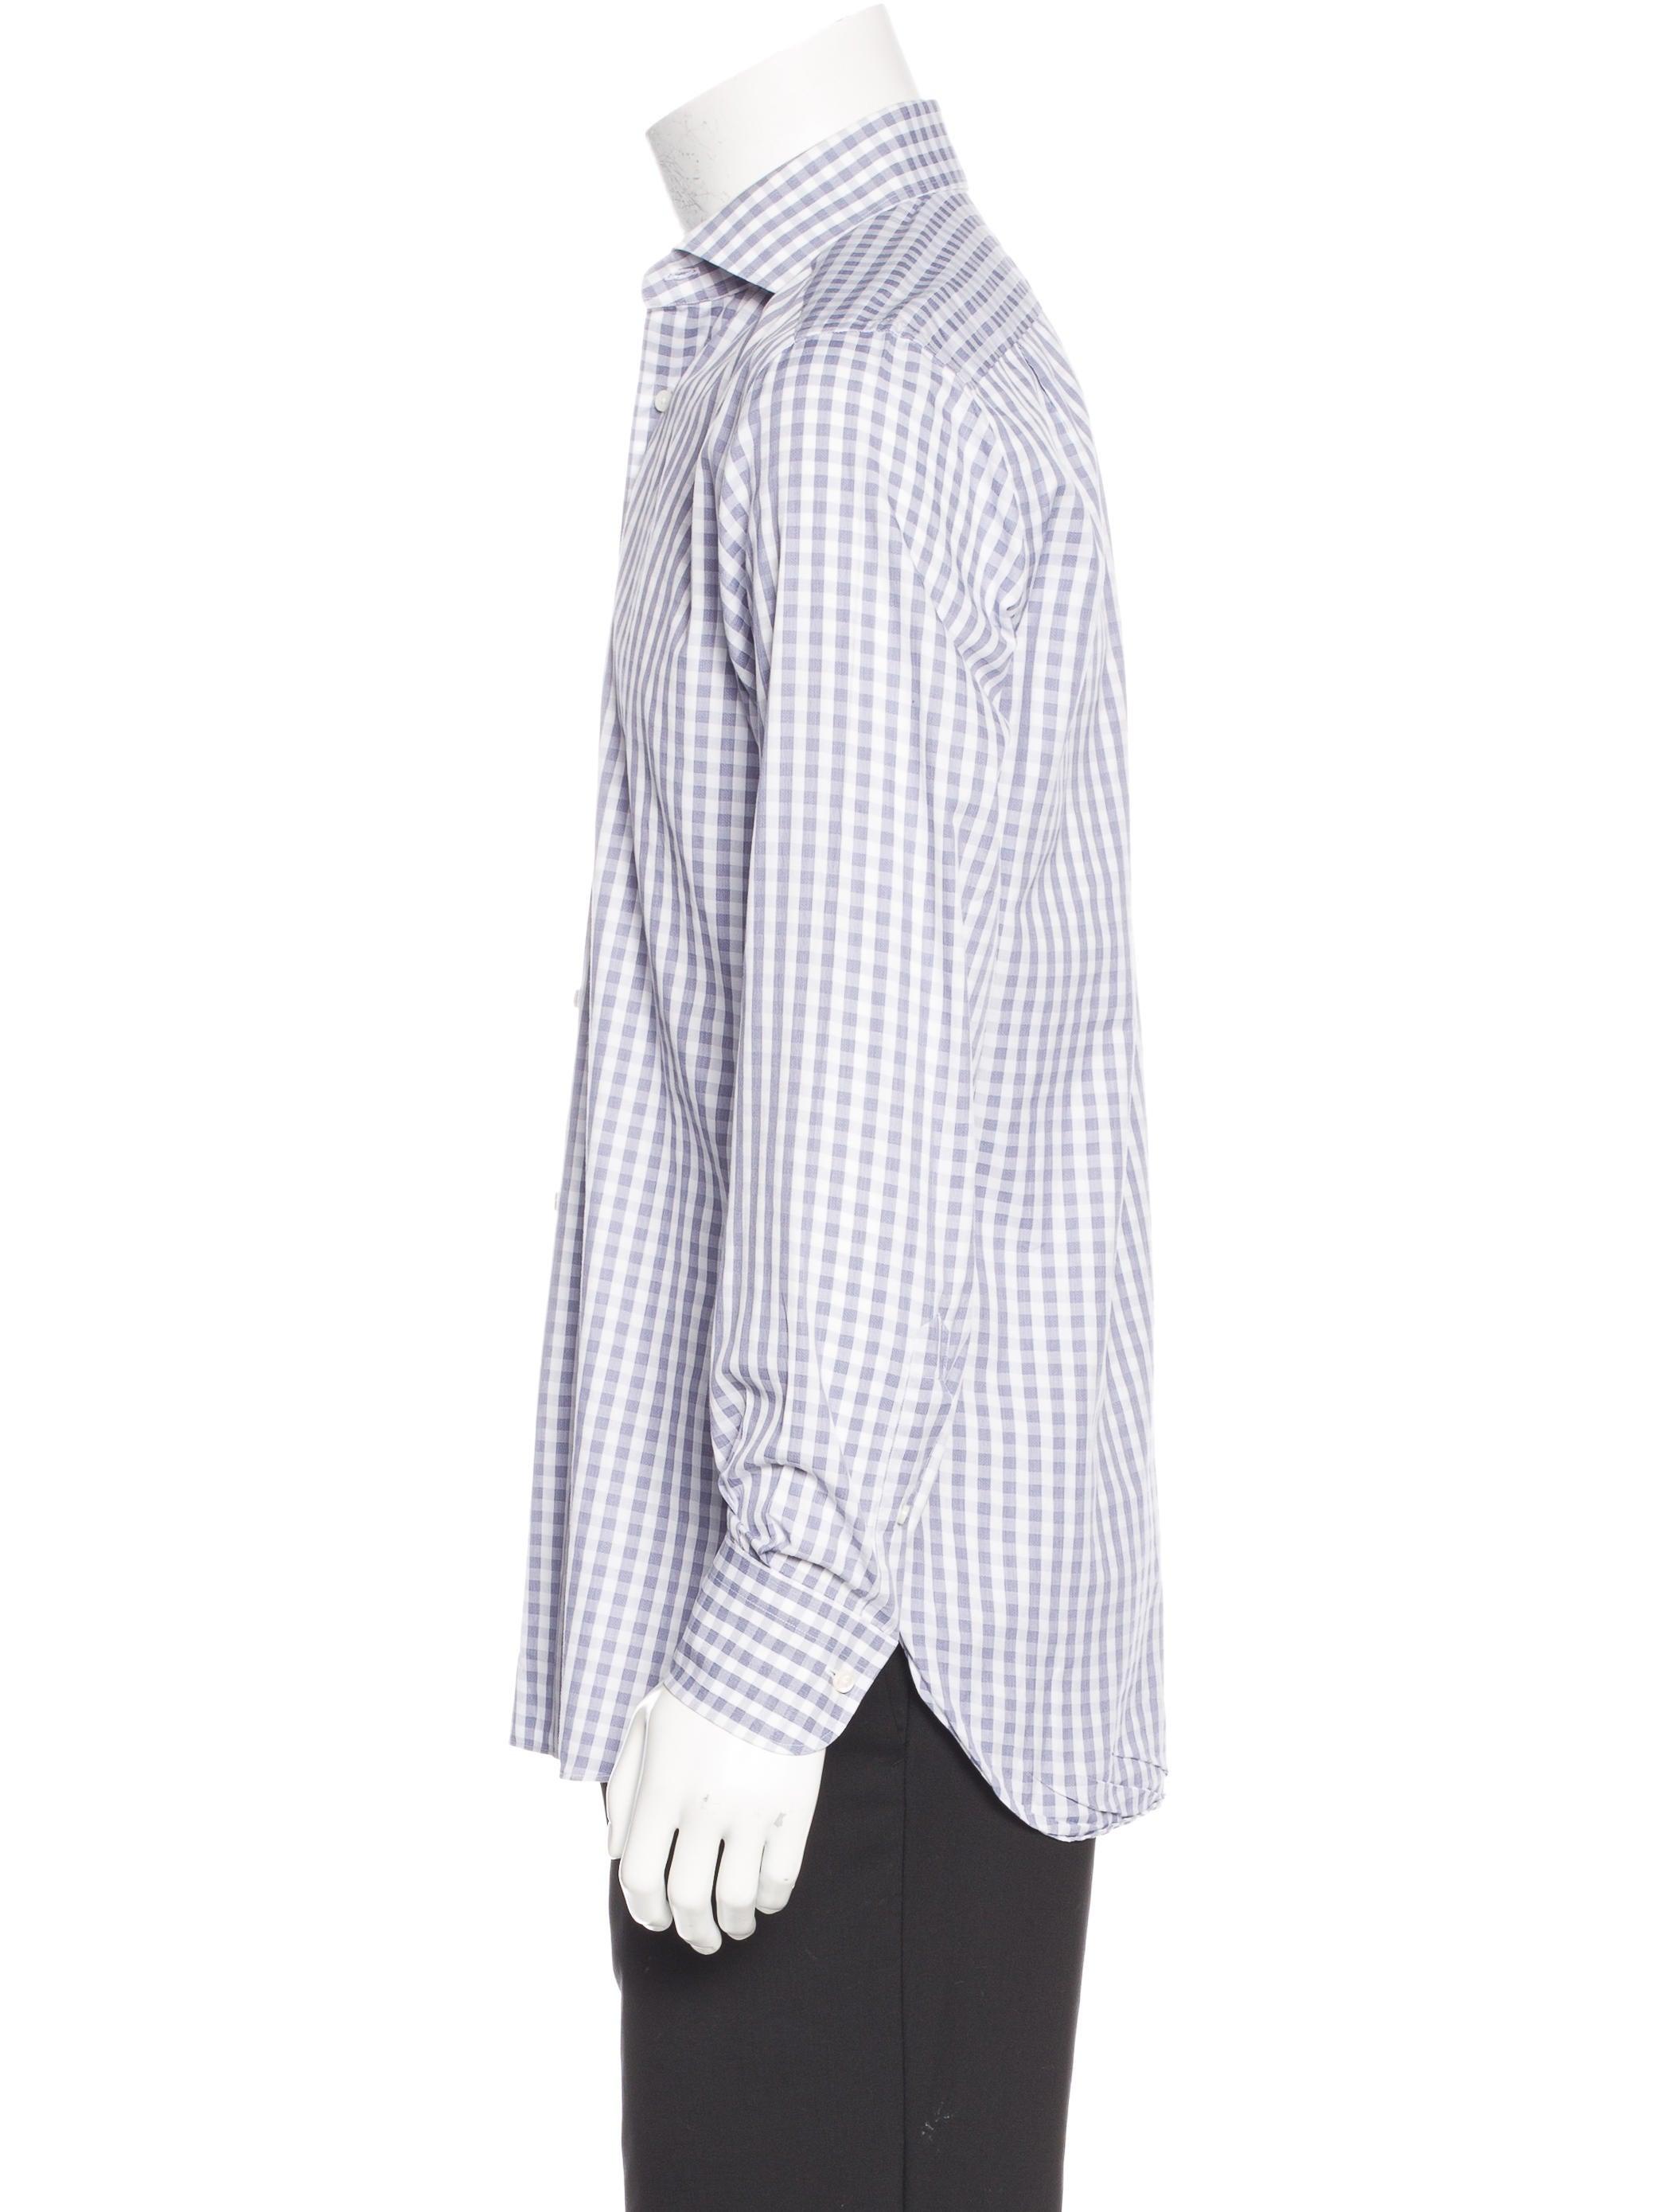 Ermenegildo zegna gingham dress shirt clothing for Gingham dress shirt men